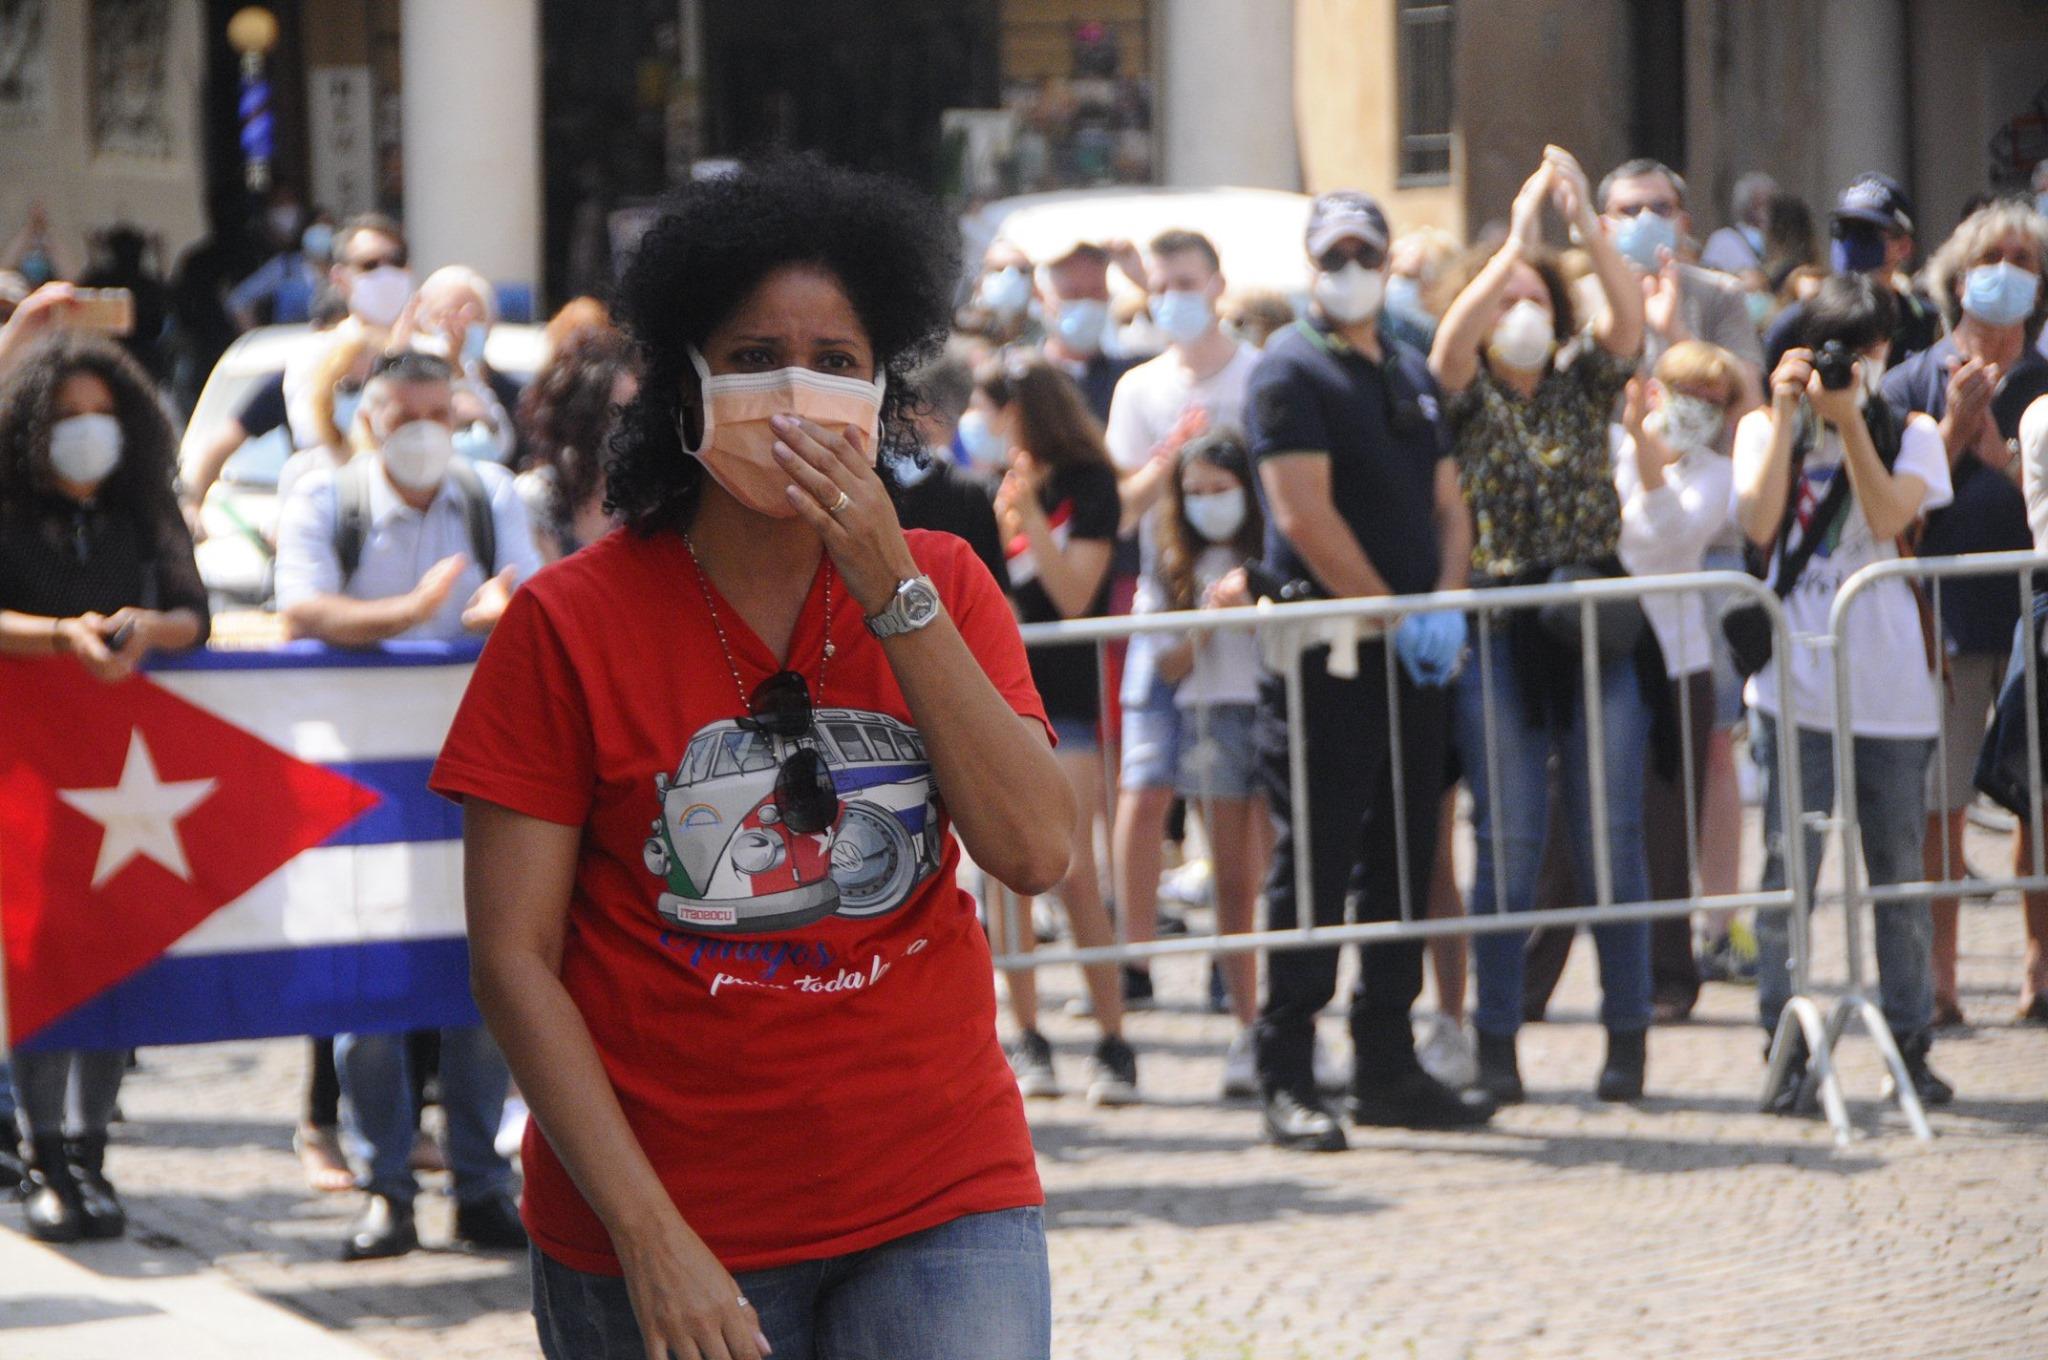 Ailed die kubanische Krankenschwester die seit 20 Jahren in Crema lebt